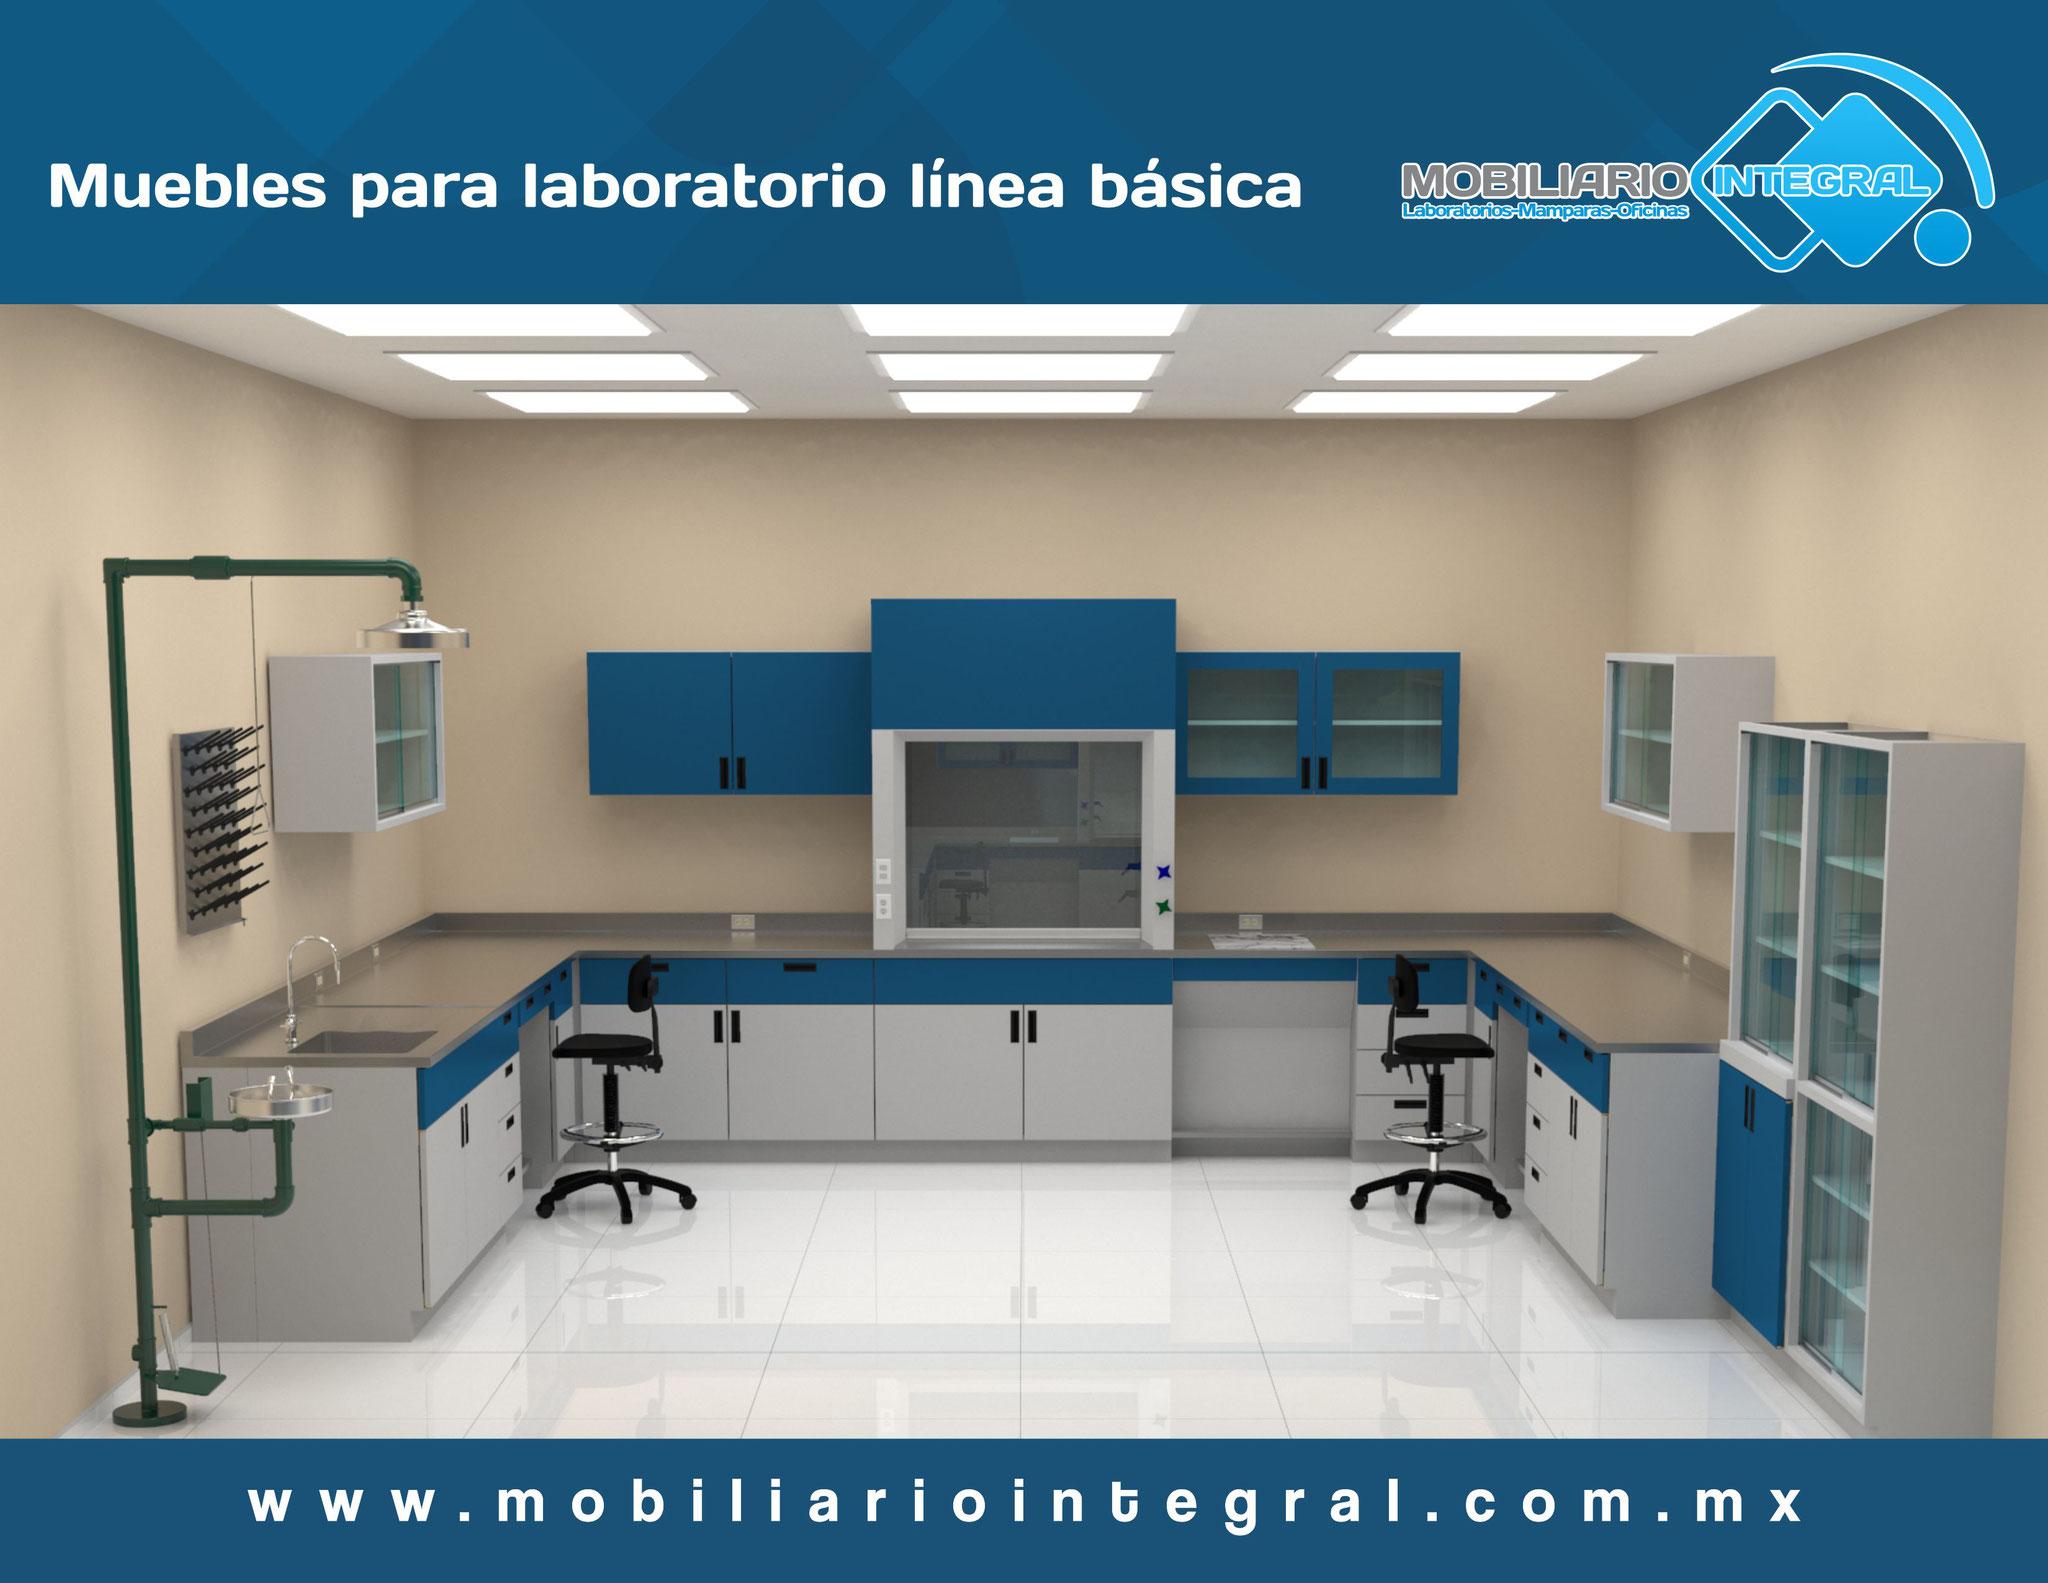 Muebles para laboratorio en Ojo de Agua